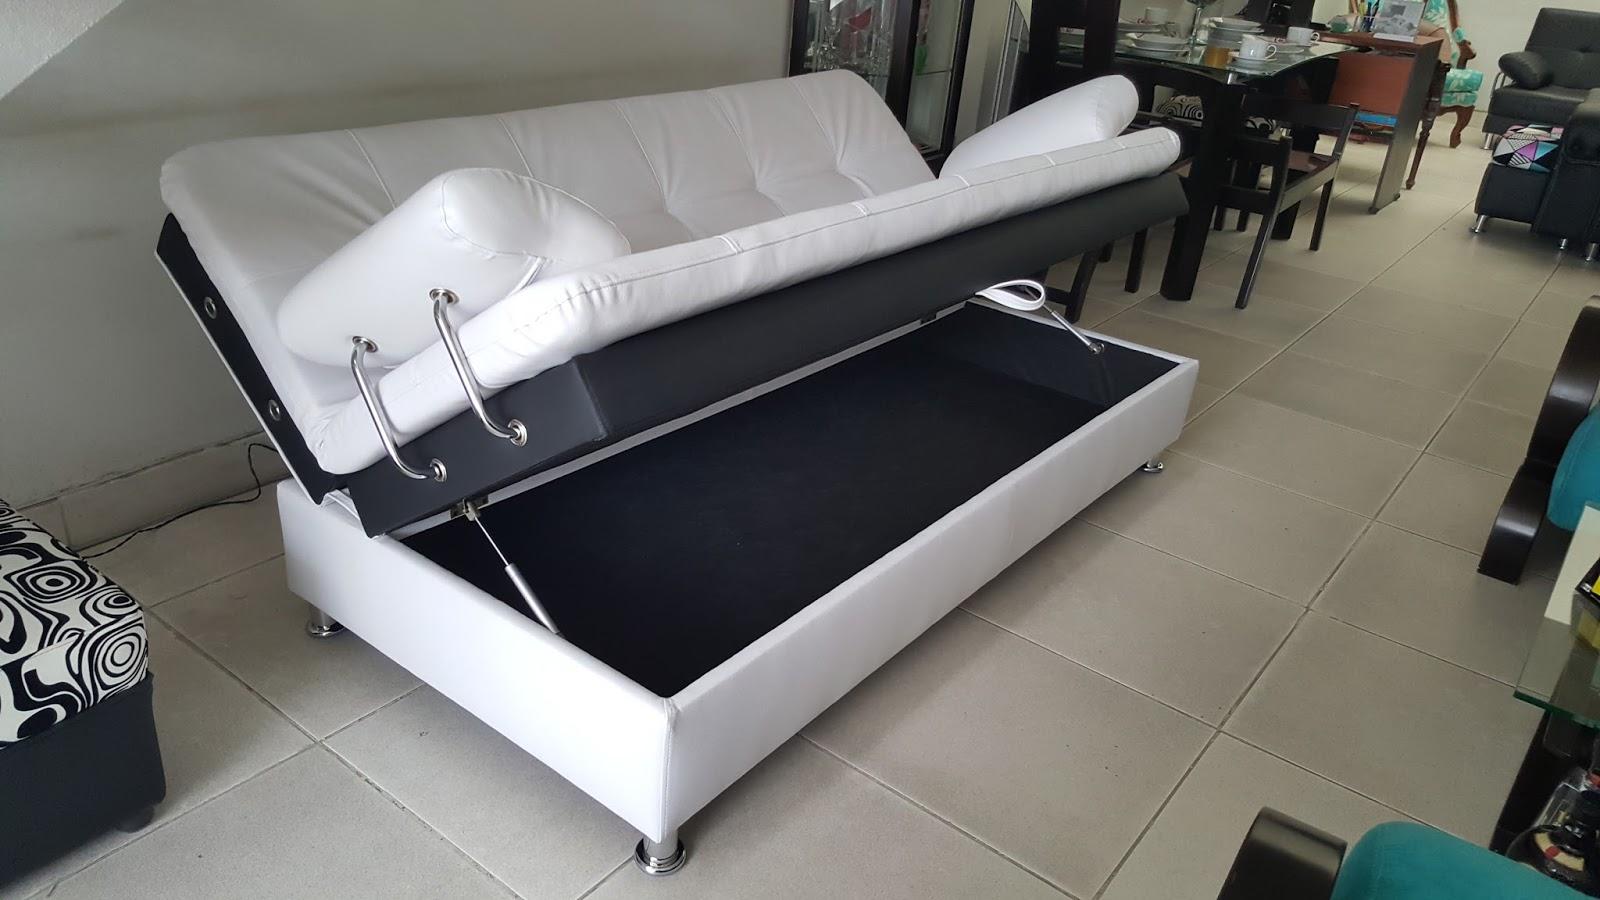 Sofa Cama Plegable Multifuncional Bed Halifax Mueblesalkar